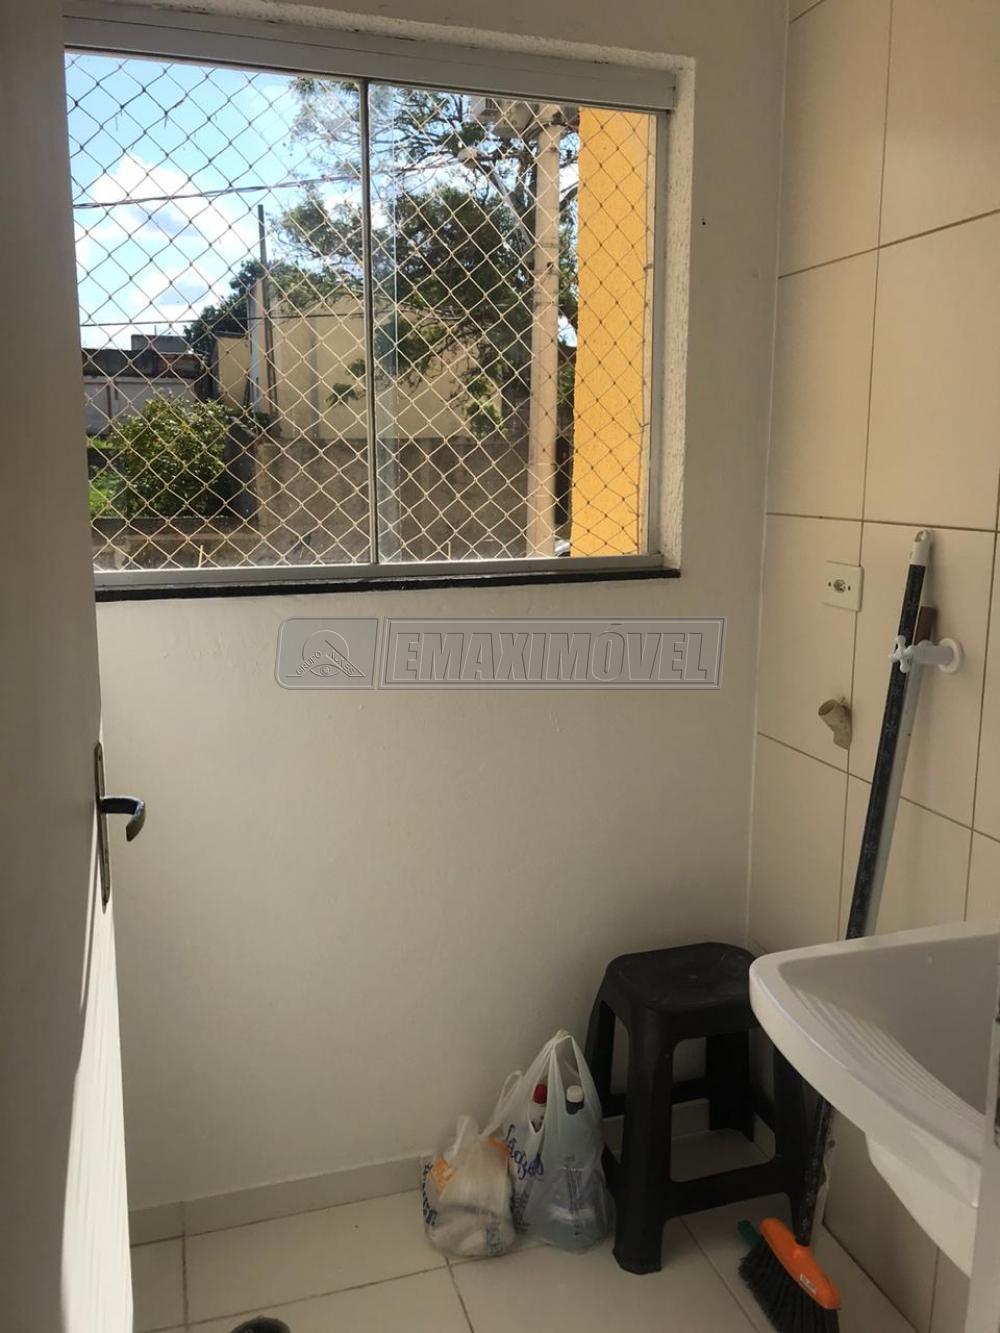 Comprar Apartamentos / Apto Padrão em Sorocaba apenas R$ 185.000,00 - Foto 20